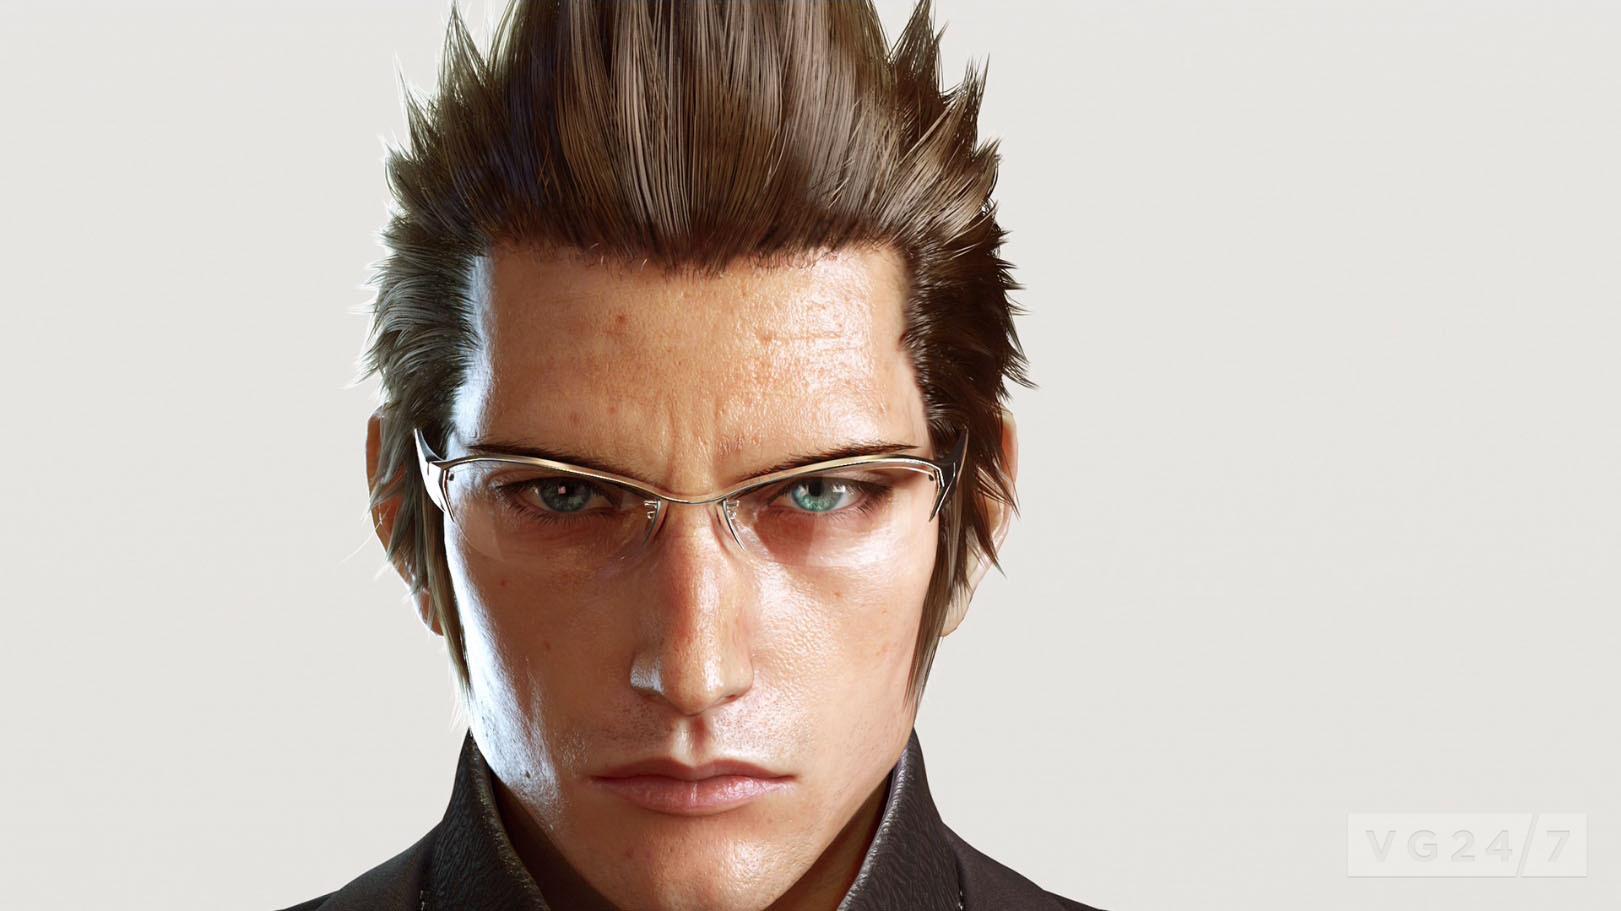 Final Fantasy 15 Gets Five Character Descriptions VG247